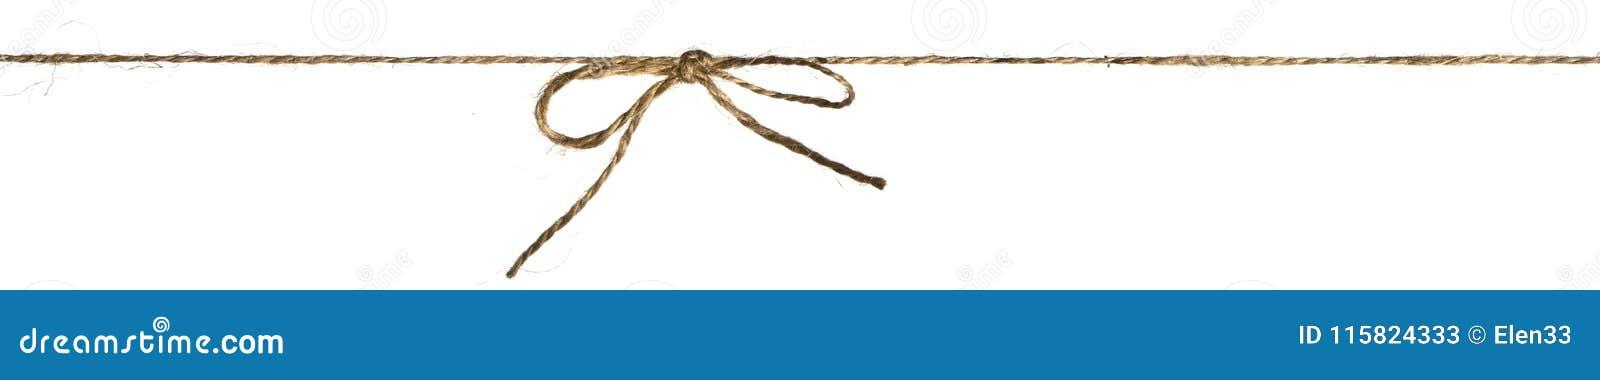 Het koord of de gevlechte streng bond een geïsoleerde boog vast